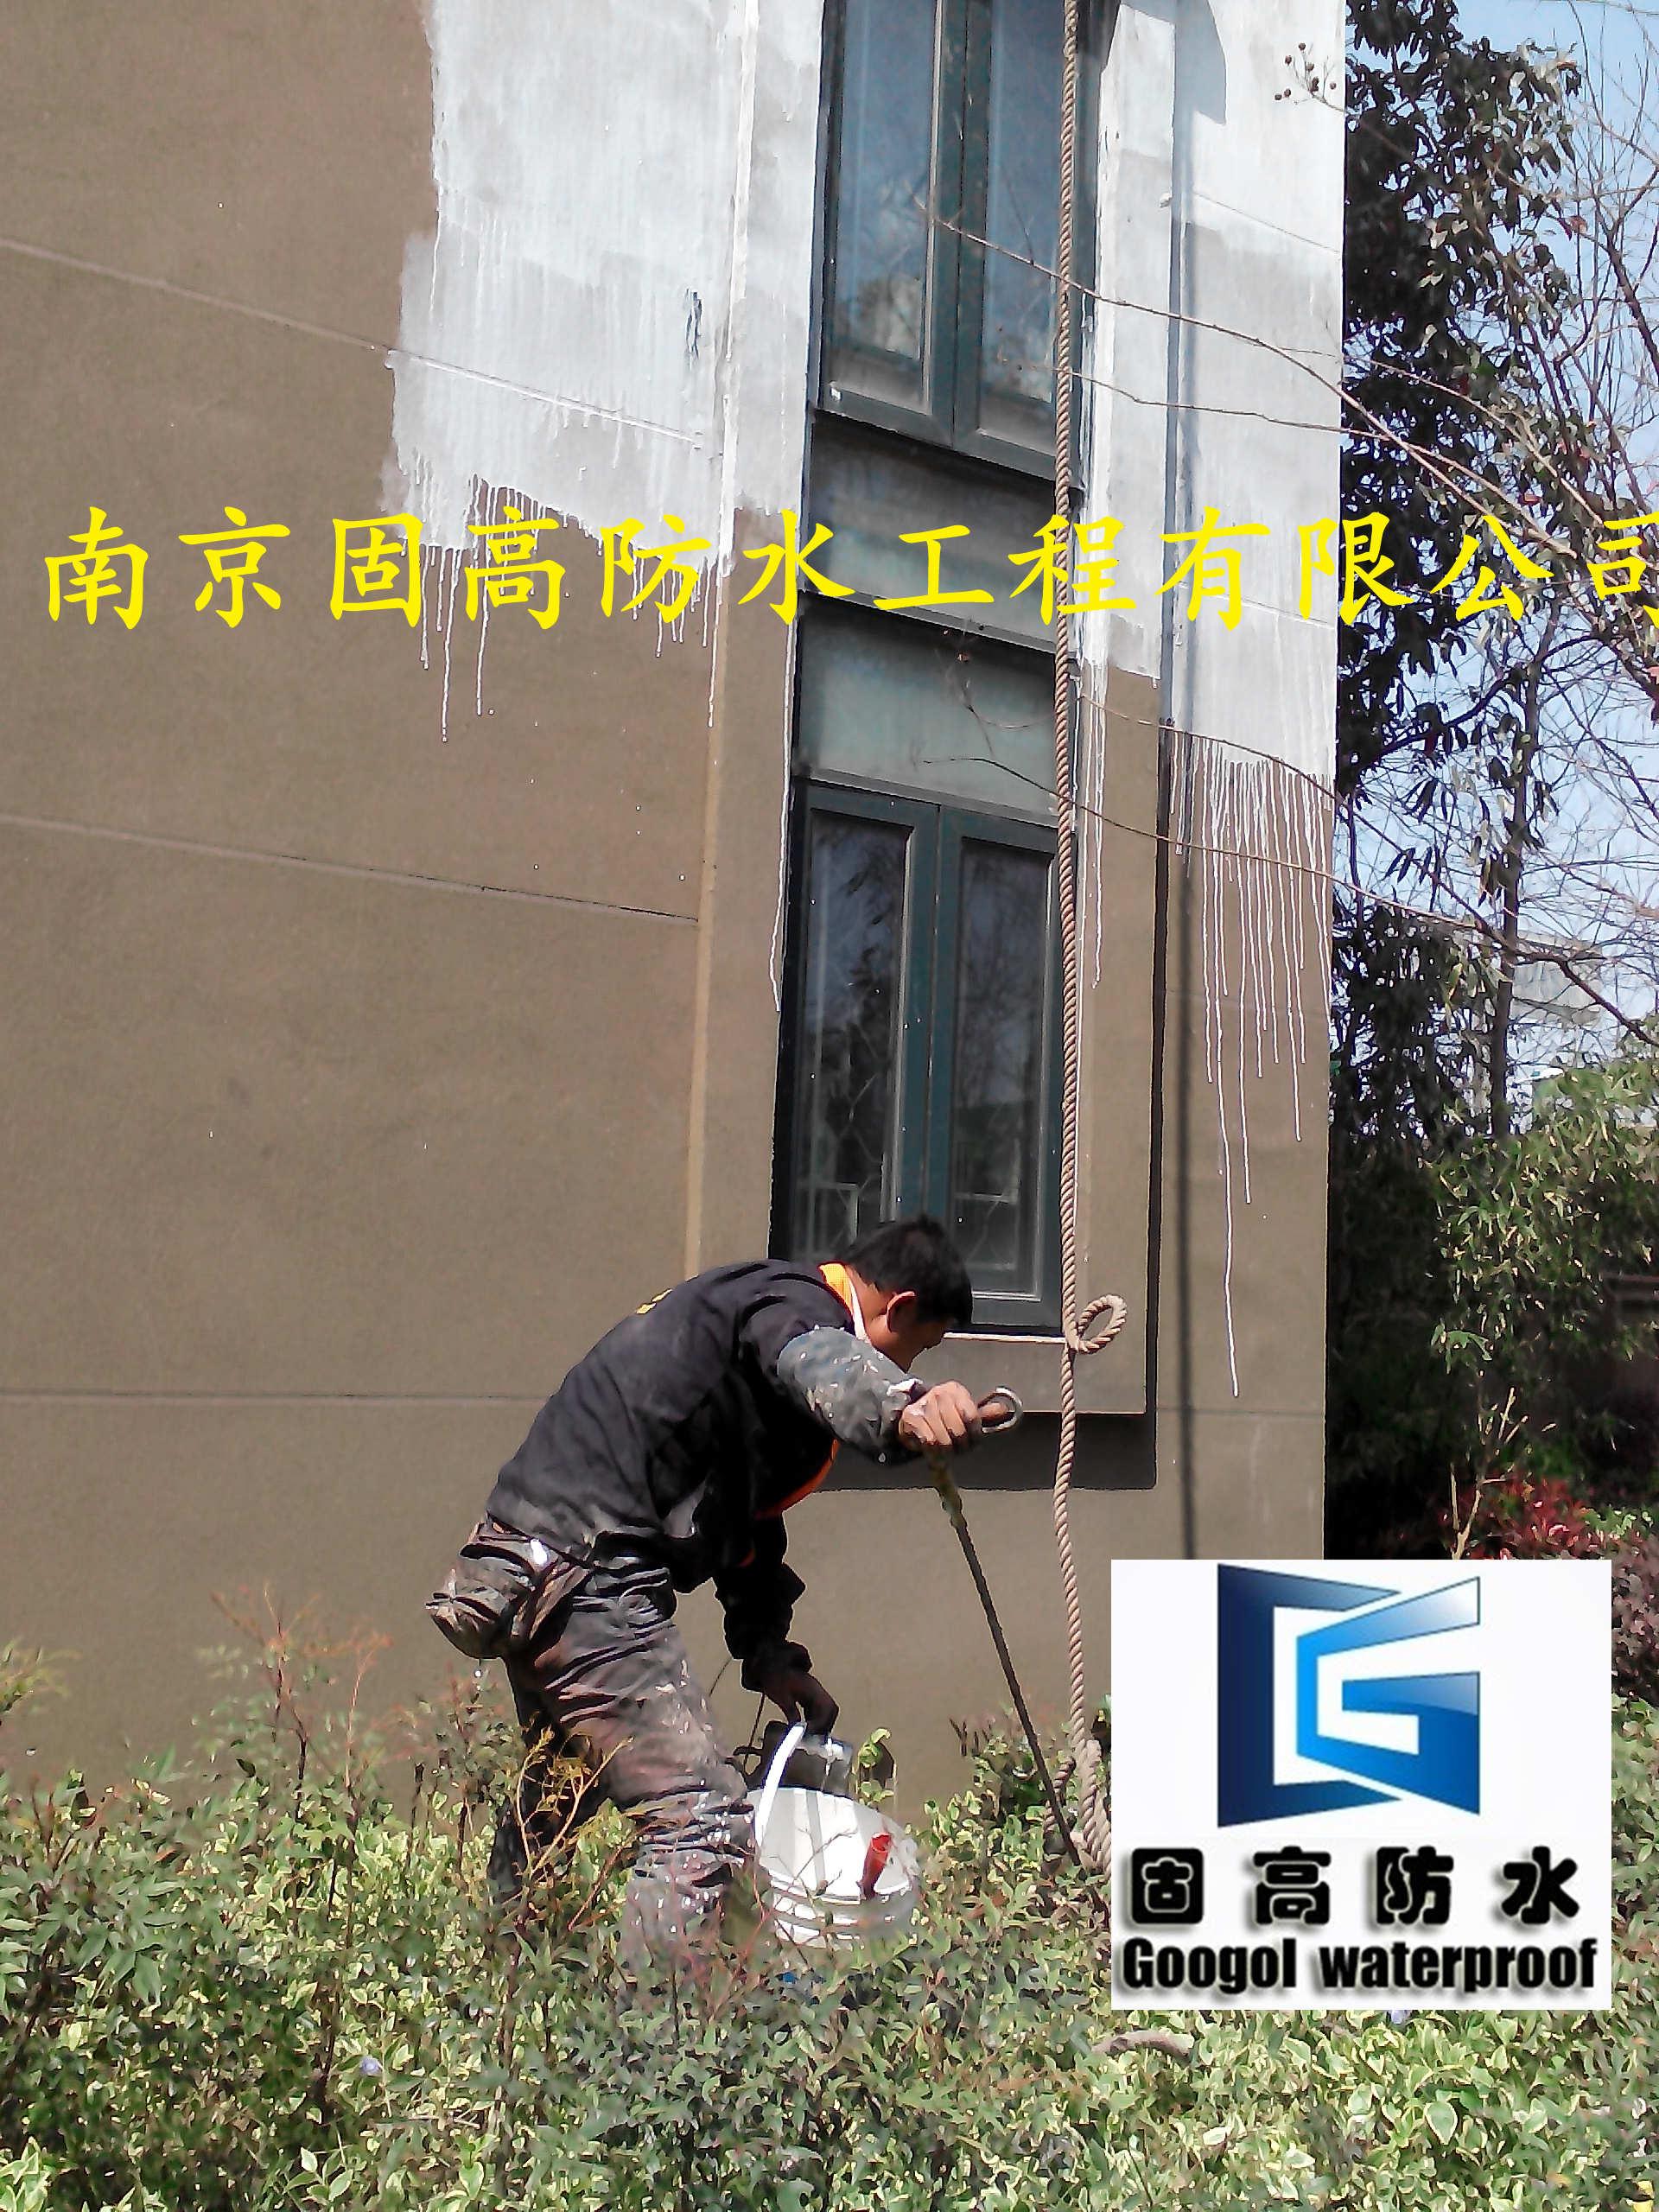 建邺区汇锦国际小区外墙-屋面防水-46bf684d5d8e974a03a5fa53c7a162bc_20160330221612151215